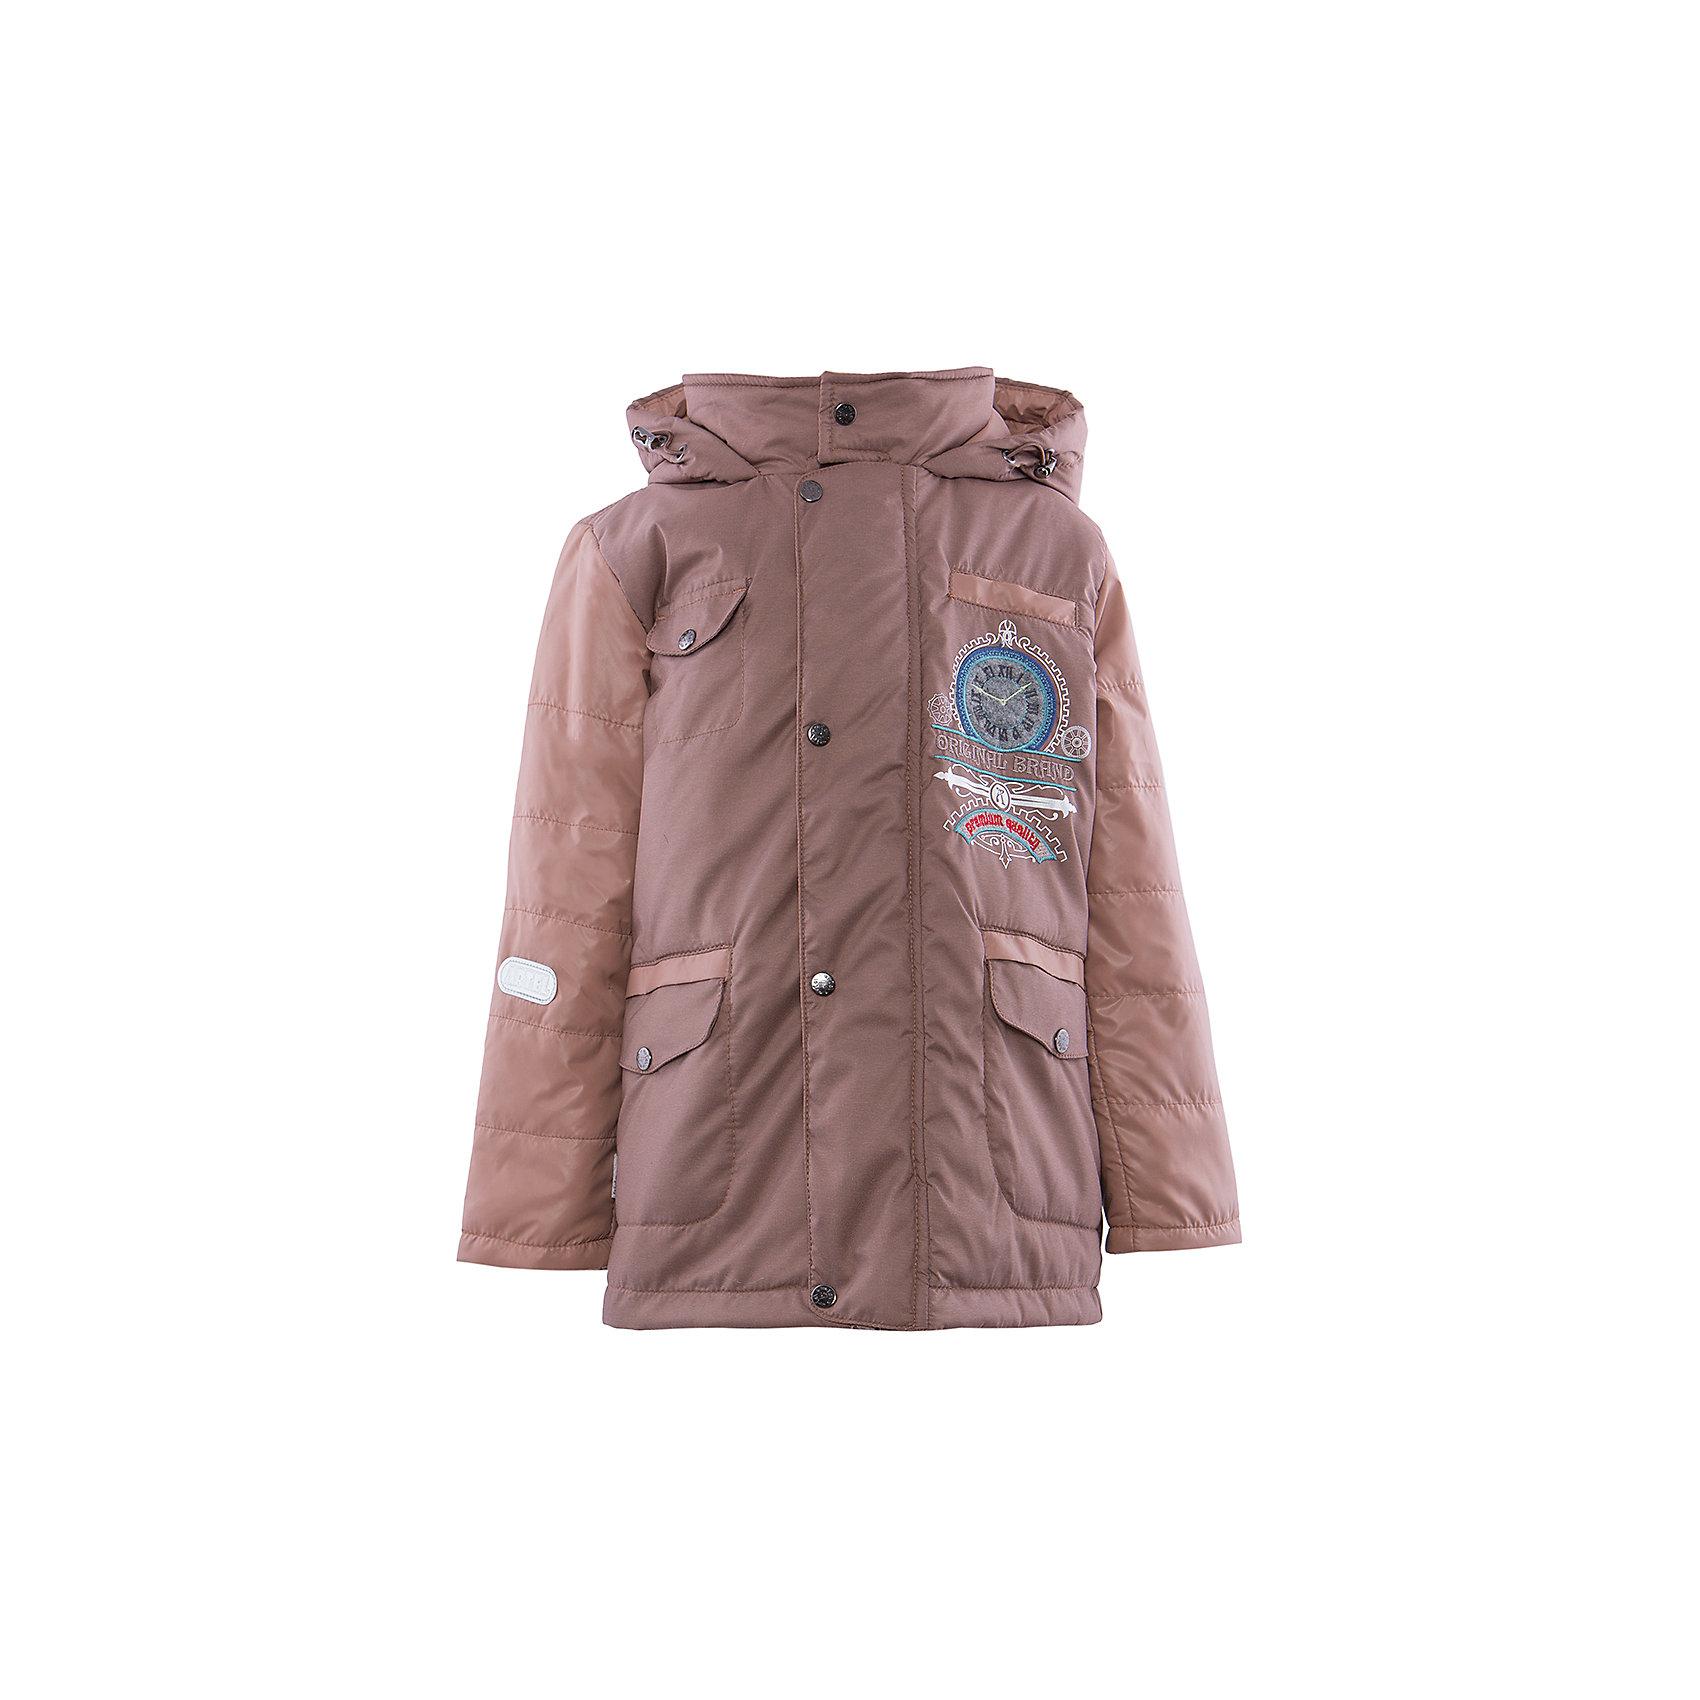 Куртка для мальчика АртельВерхняя одежда<br>Куртка для мальчика от торговой марки Артель &#13;<br>&#13;<br>Утепленная куртка позволит ребенку чувствовать себя комфортно даже в холодную погоду. Сделана она из качественных материалов, поэтому может прослужить не один сезон. Практичная и удобная вещь.<br>Одежда от бренда Артель – это высокое качество по приемлемой цене и всегда продуманный дизайн. &#13;<br>&#13;<br>Особенности модели: &#13;<br>- цвет - бежевый;&#13;<br>- наличие карманов;&#13;<br>- капюшон;<br>- утеплитель;&#13;<br>- украшена вышивкой;&#13;<br>- застежка-молния под клапаном на кнопках.&#13;<br>&#13;<br>Дополнительная информация:&#13;<br>&#13;<br>Состав: &#13;<br>- верх: FITSYSTEM;<br>- подкладка: тиси;<br>- утеплитель: термофайбер 100 г<br>&#13;<br>Температурный режим: &#13;<br>от - 10 °C до + 10 °C&#13;<br>&#13;<br>Куртка для мальчика Артель (Artel) можно купить в нашем магазине.<br><br>Ширина мм: 356<br>Глубина мм: 10<br>Высота мм: 245<br>Вес г: 519<br>Цвет: бежевый<br>Возраст от месяцев: 36<br>Возраст до месяцев: 48<br>Пол: Мужской<br>Возраст: Детский<br>Размер: 104,116,128,122,110<br>SKU: 4496042